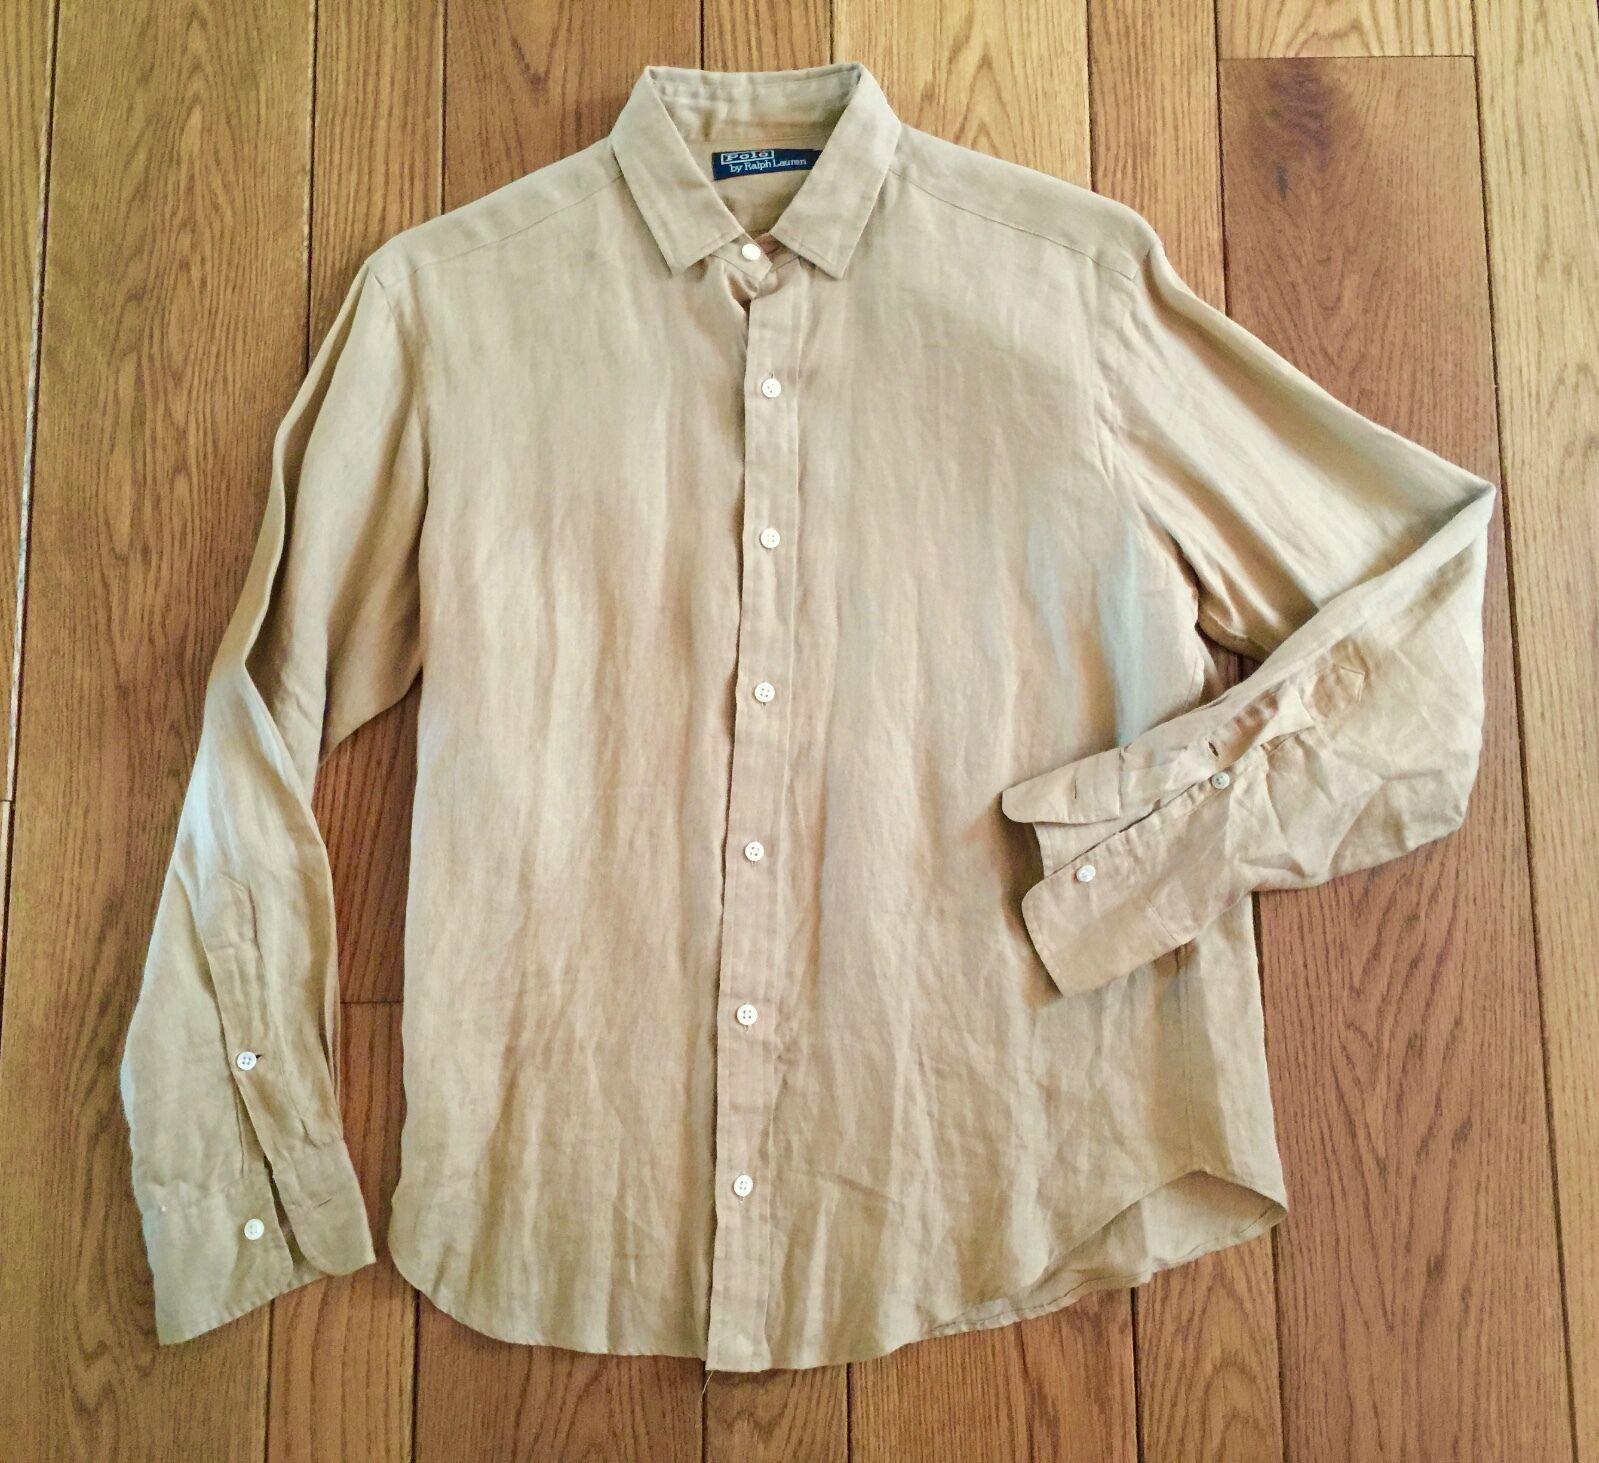 POLO RALPH LAUREN  Tan Linen Button Down Shirt Small 15